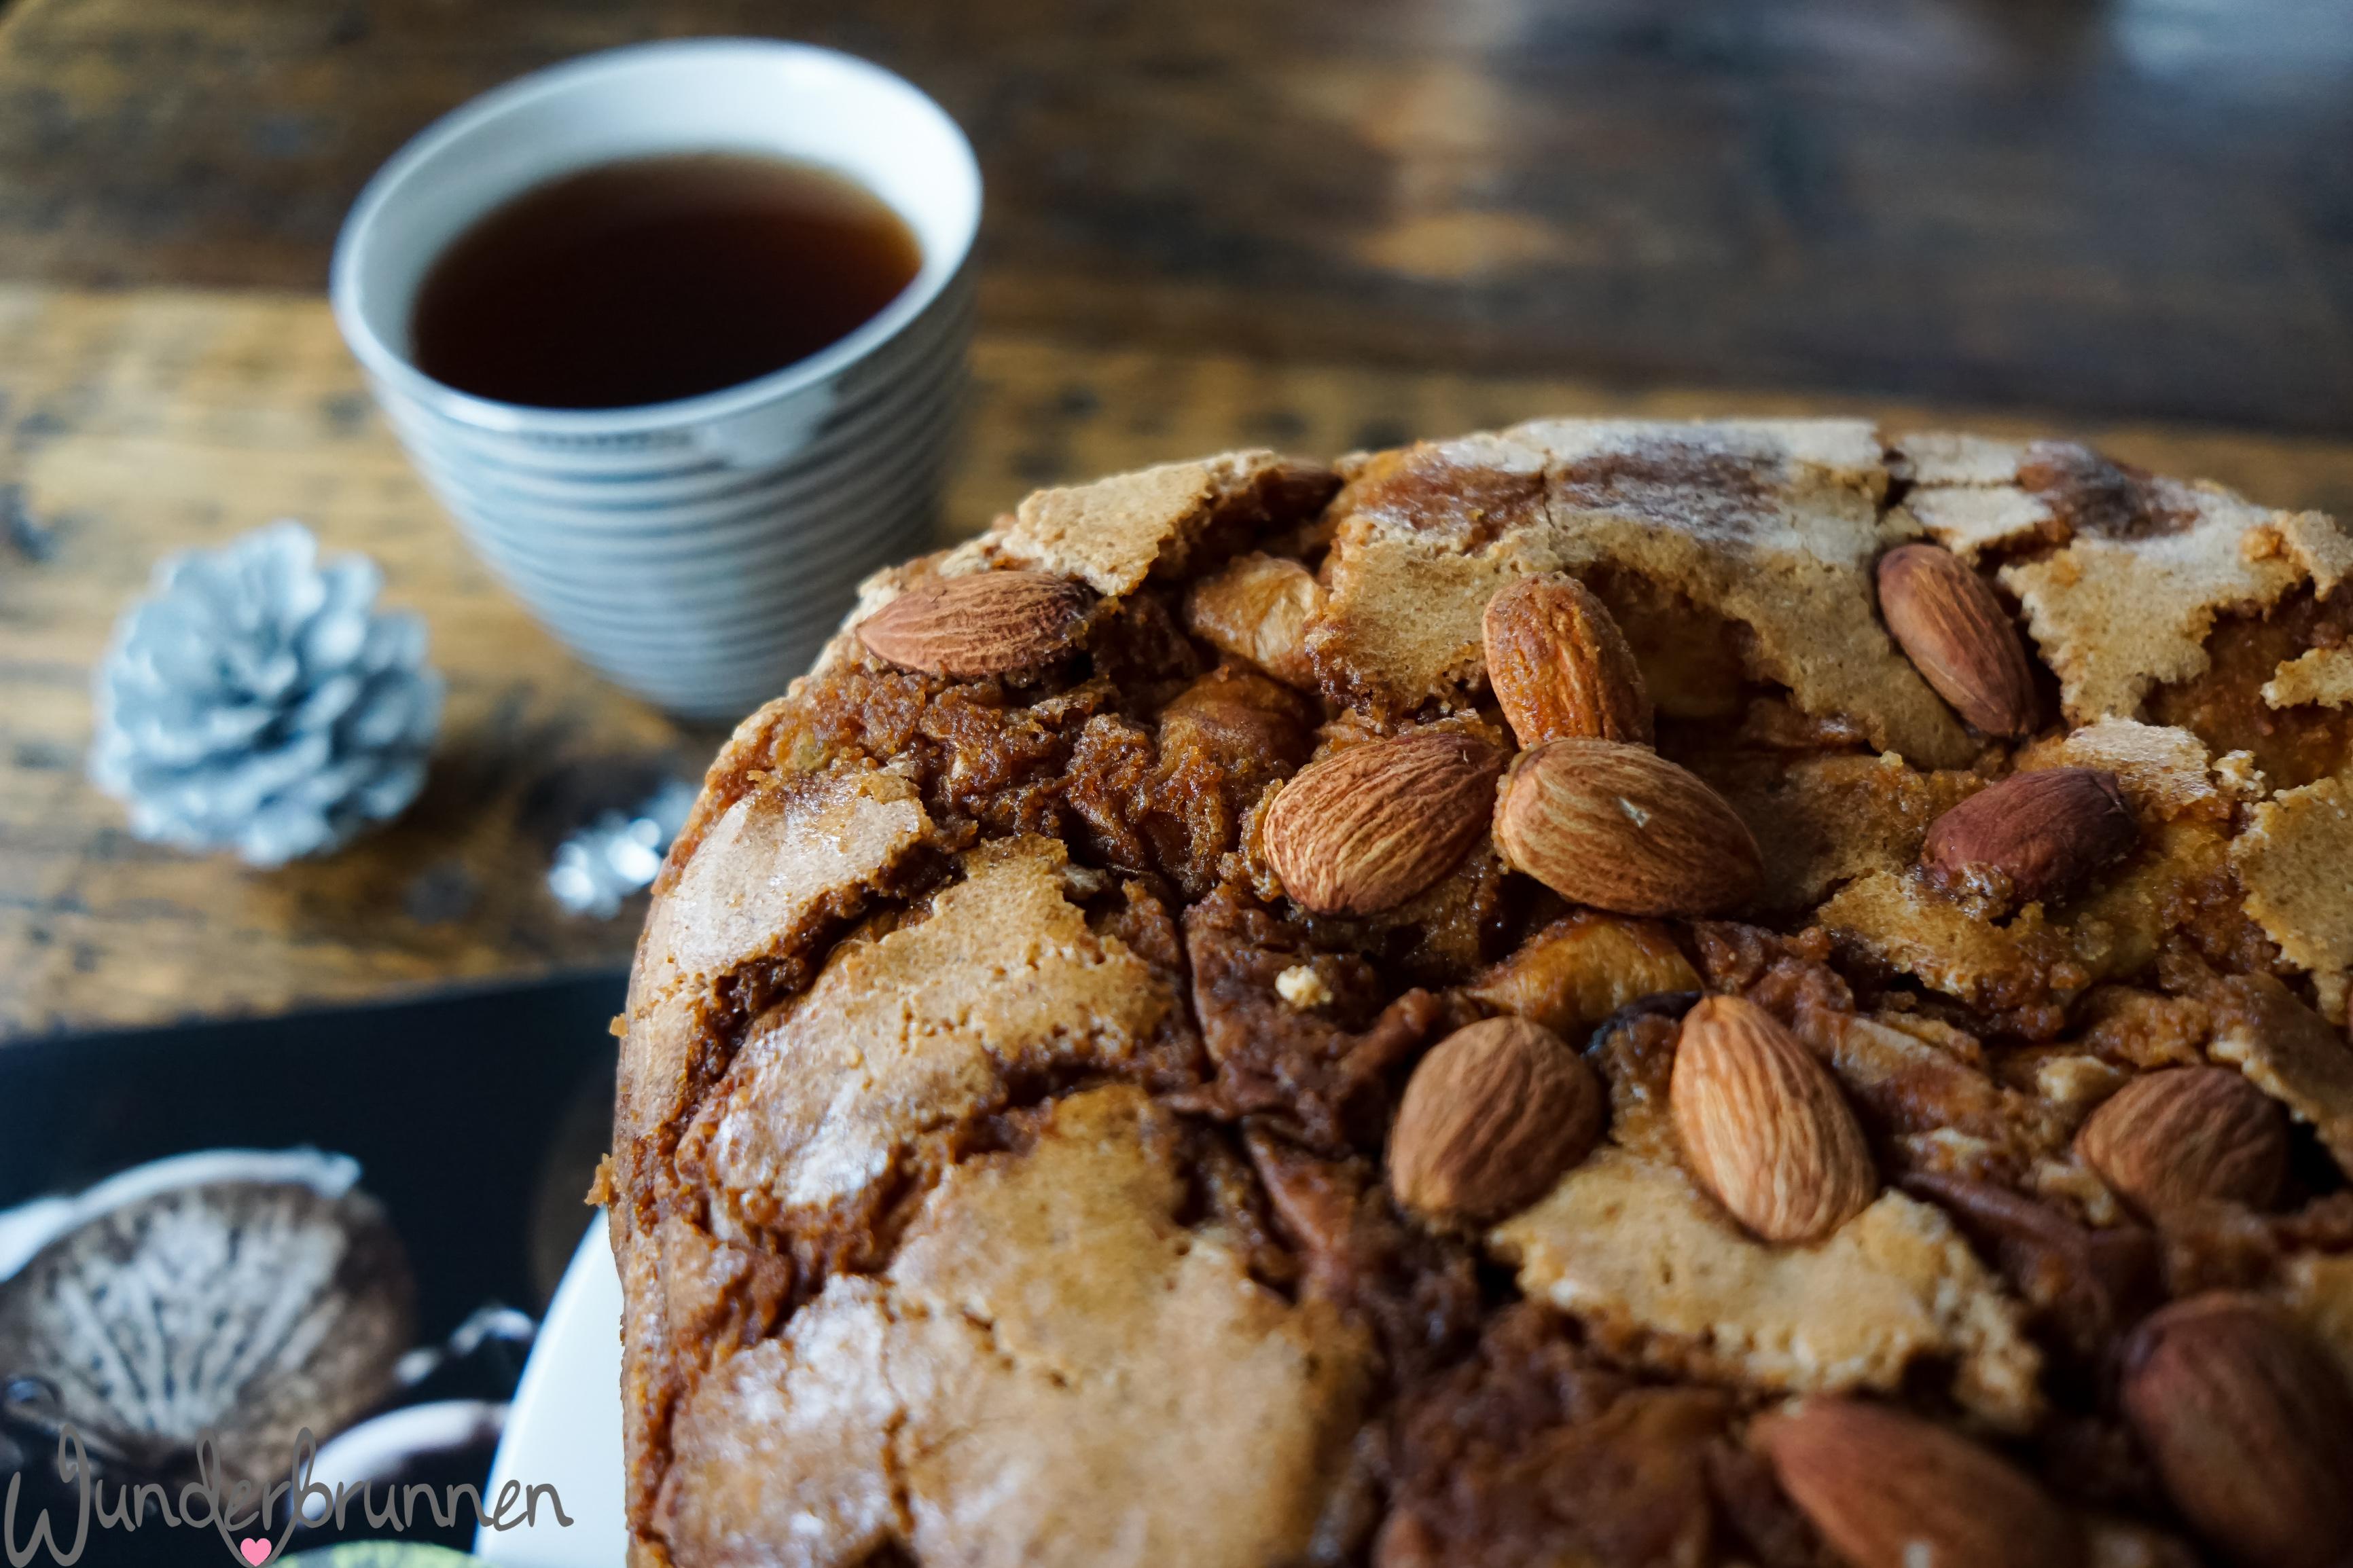 Dezember-Vorfreude - Wunderbrunnen - Foodblog - Fotografie